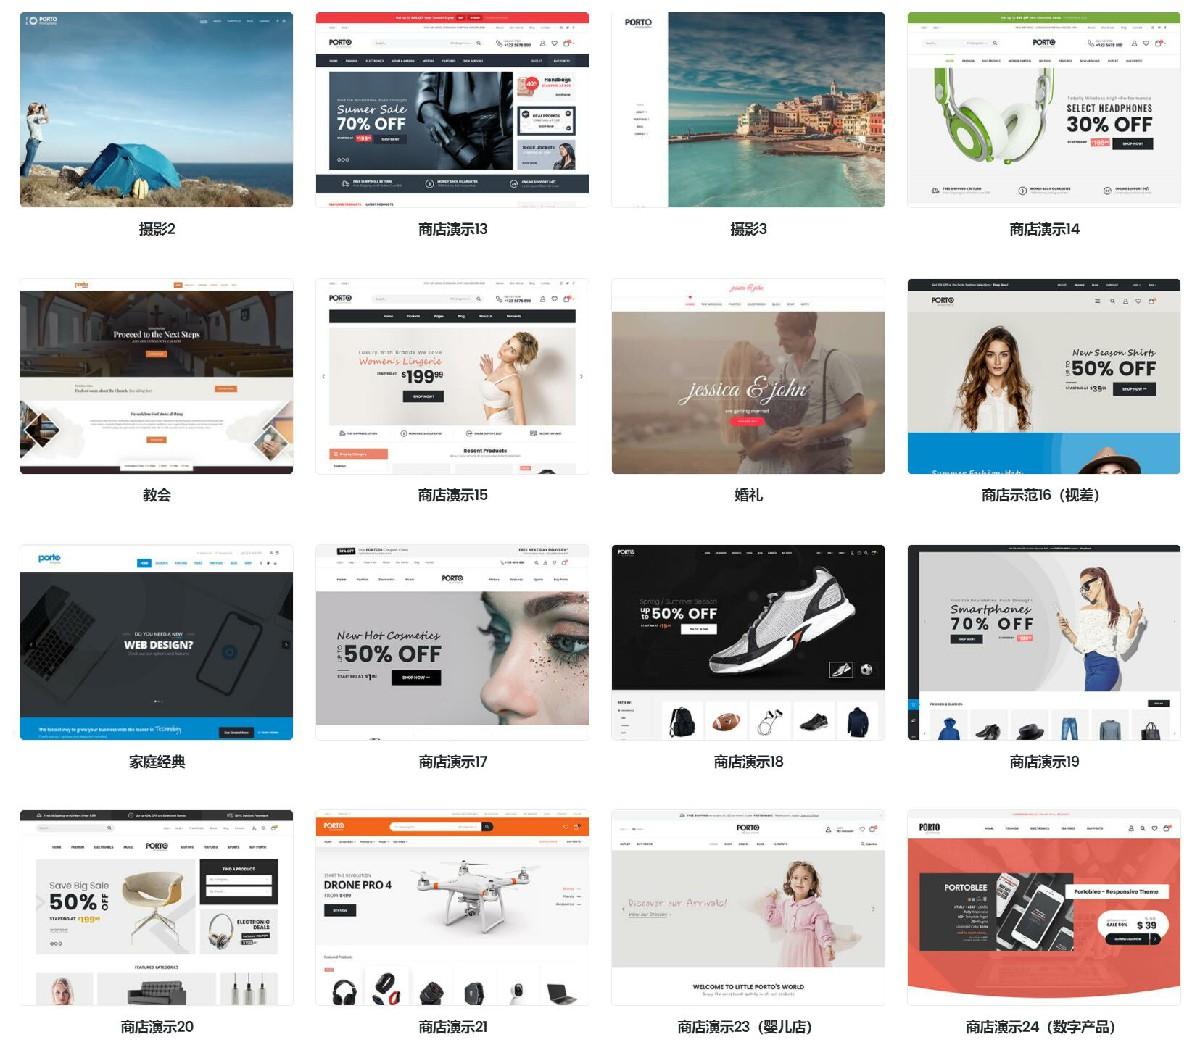 跨境电商网站模板 外贸商城企业网站wordpress主题 Porto V5.5.1中文汉化升级版插图